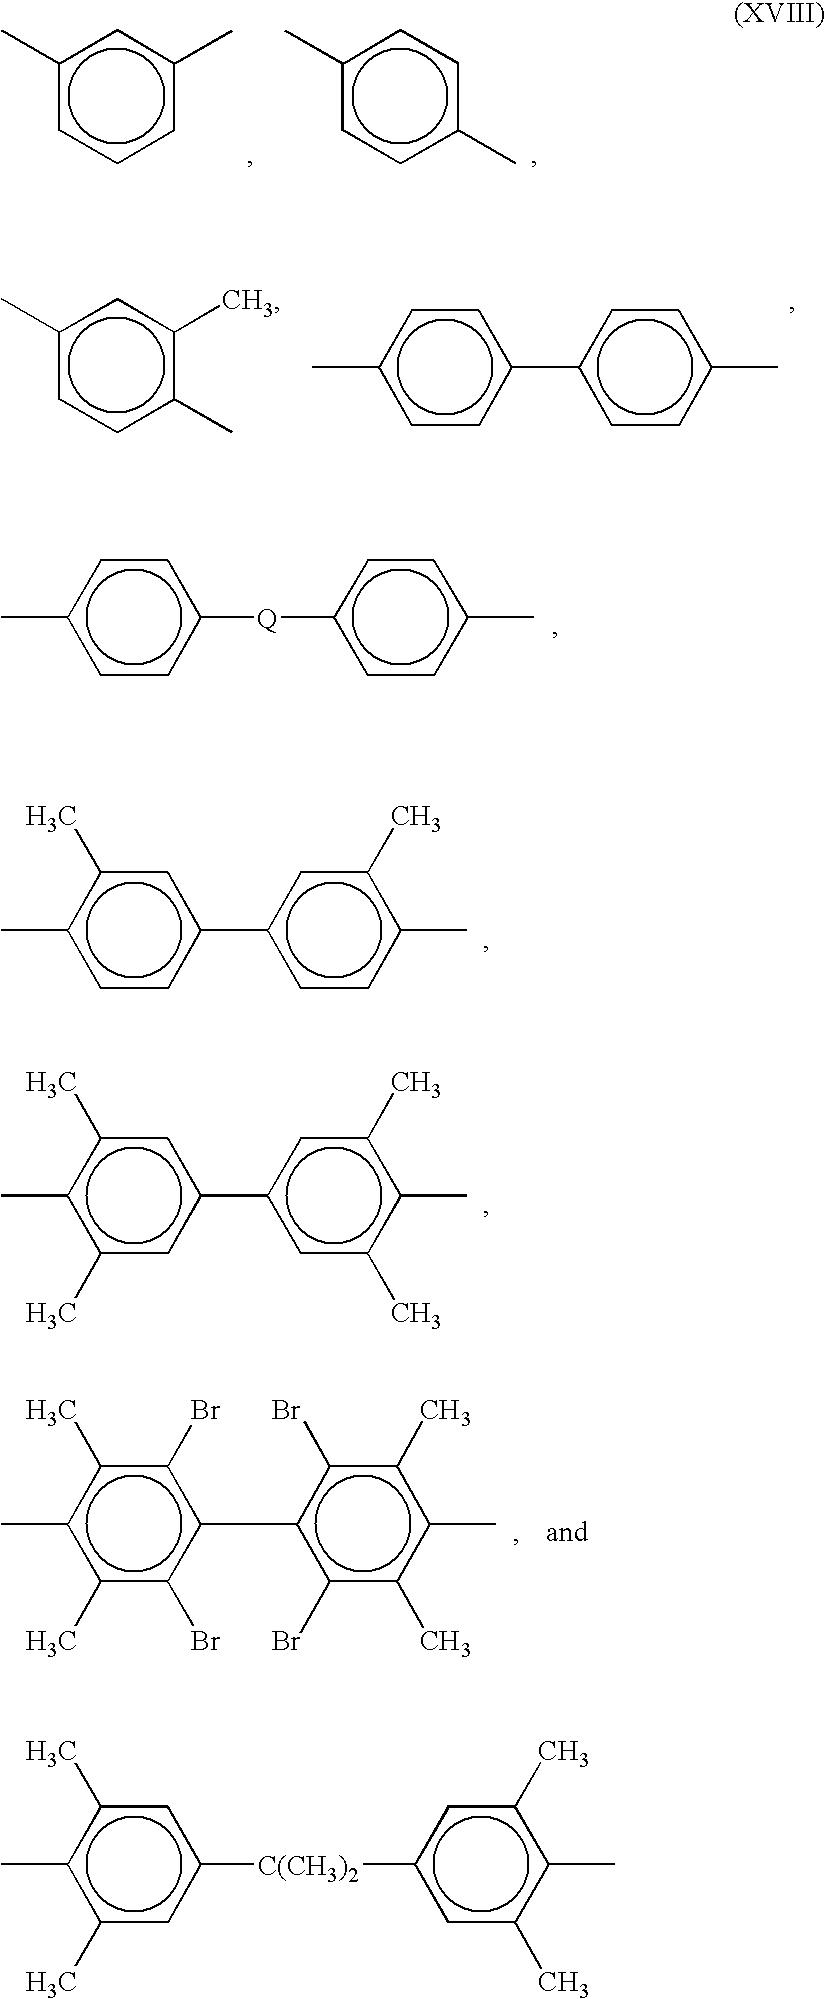 Figure US07354988-20080408-C00016